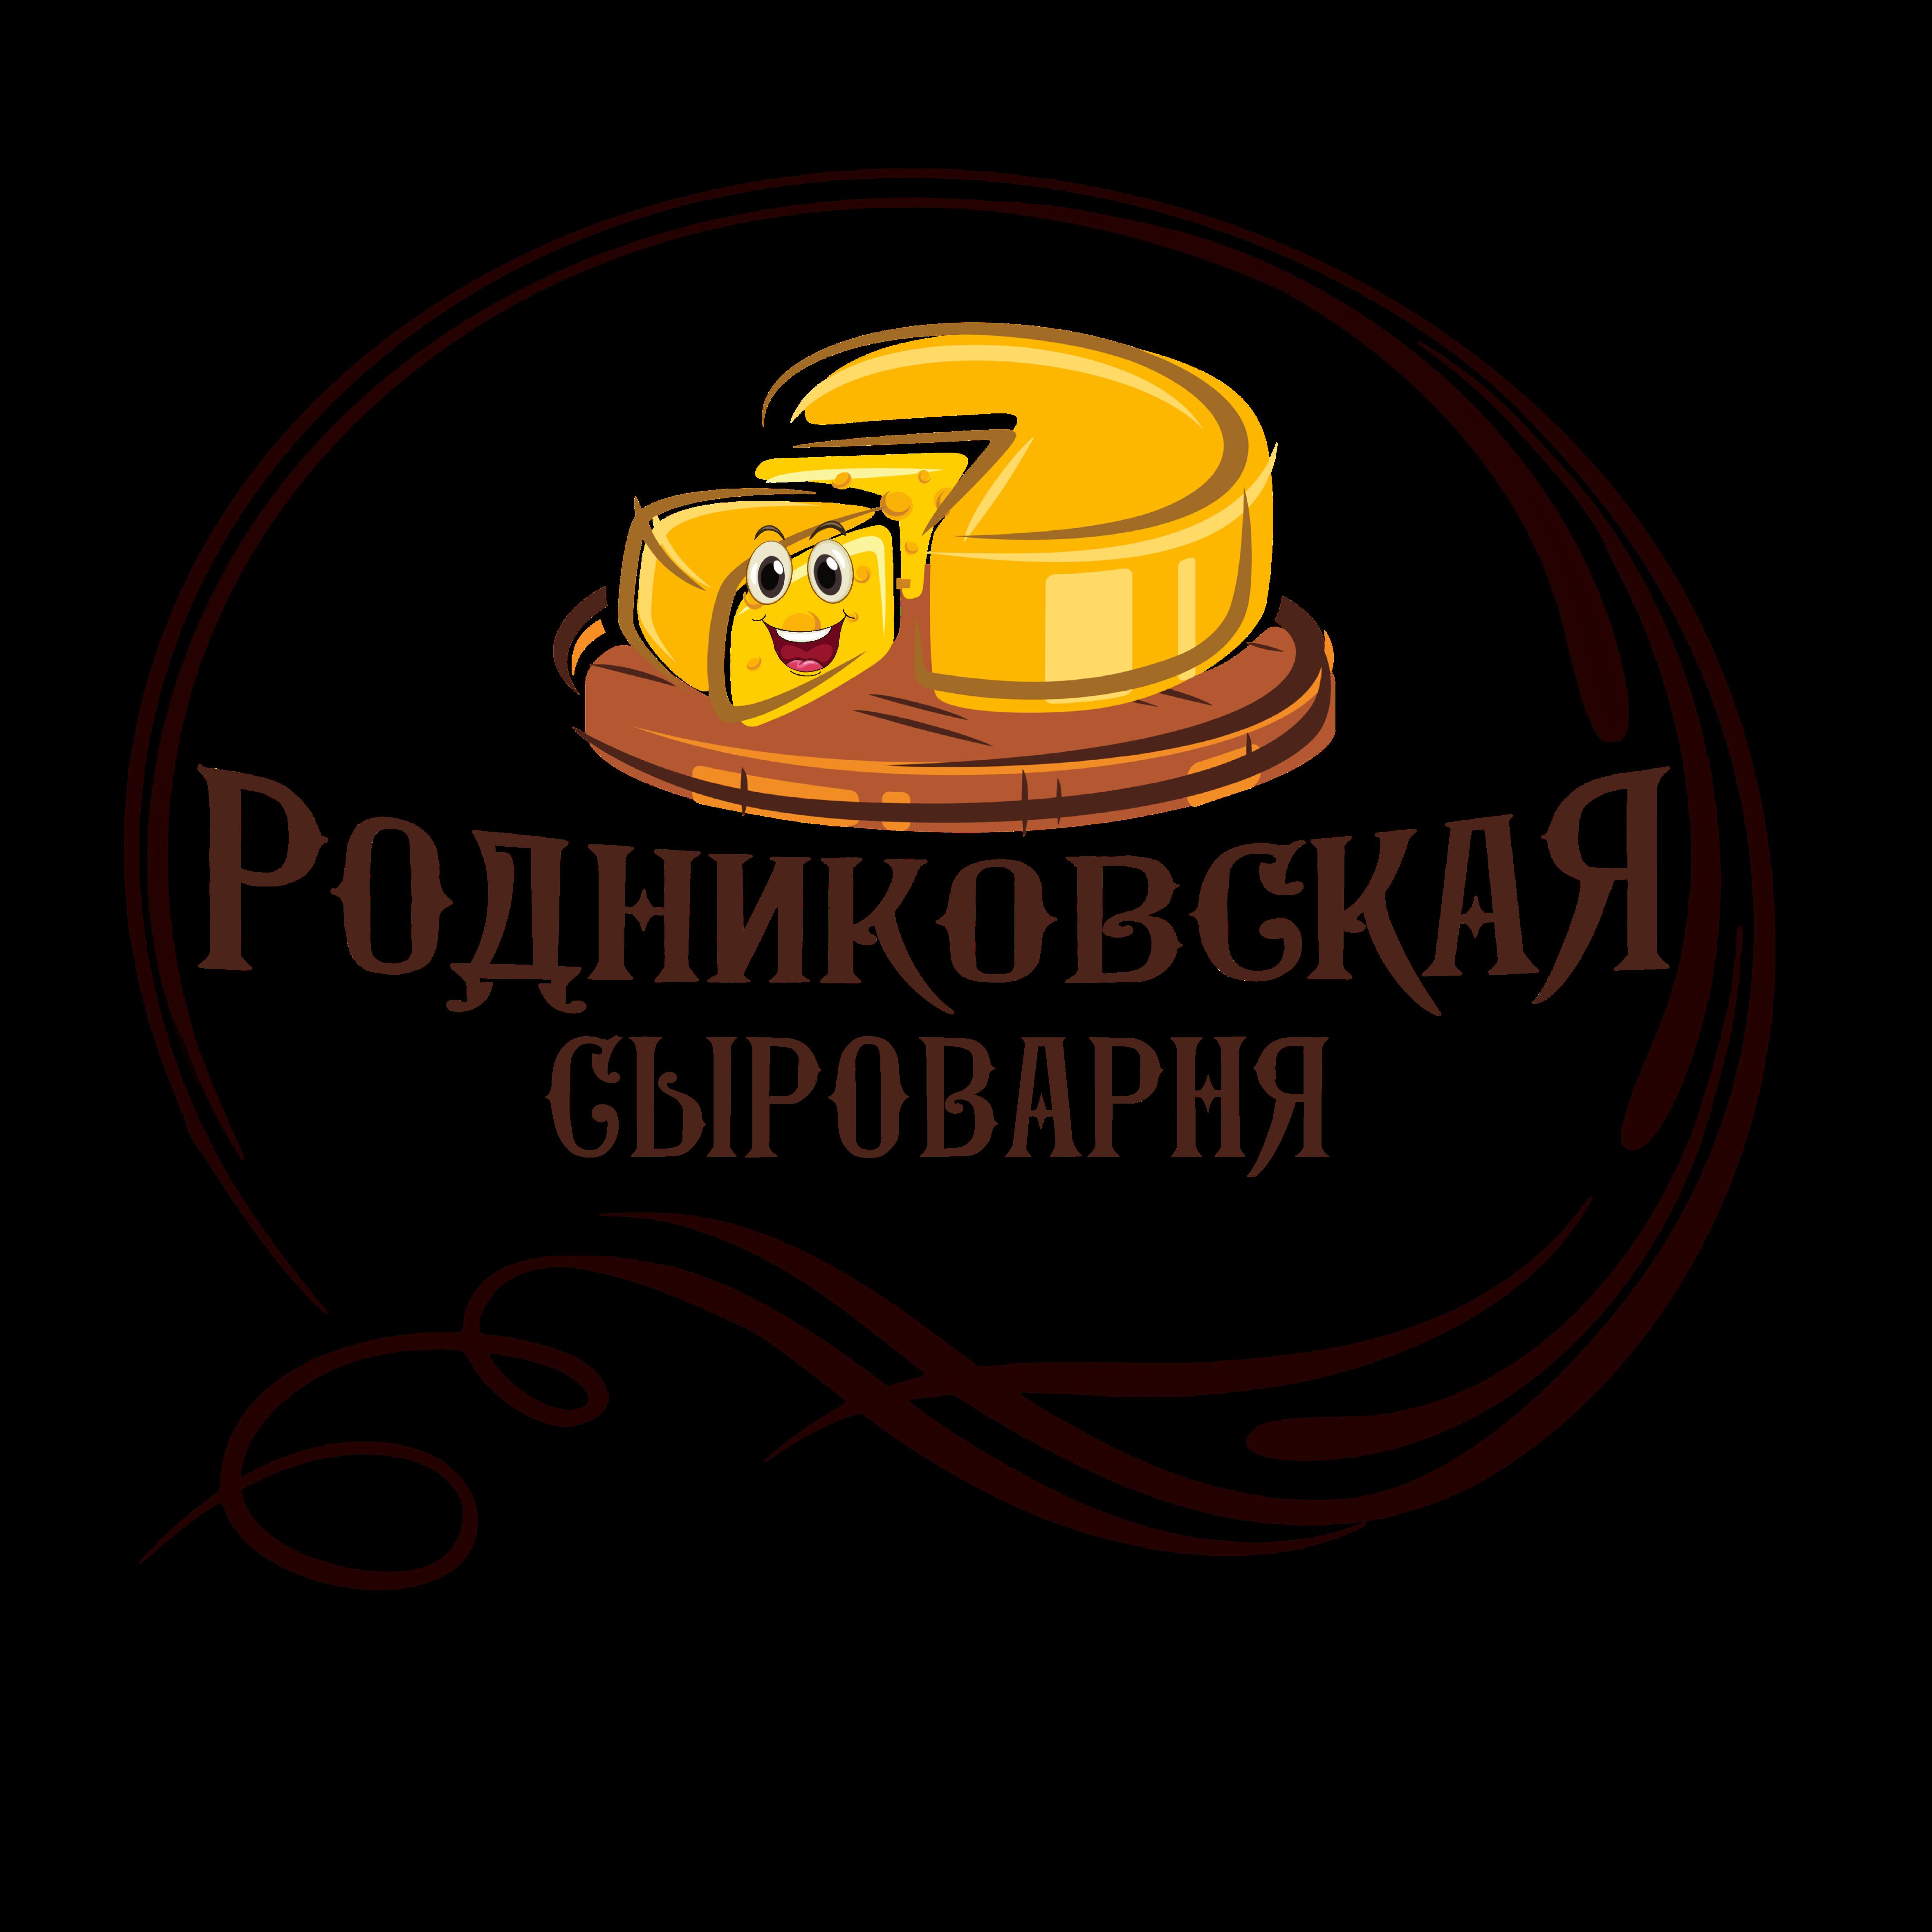 Индивидуальный предприниматель Репринцев Сергей Николаевич, ИНН 143500653820